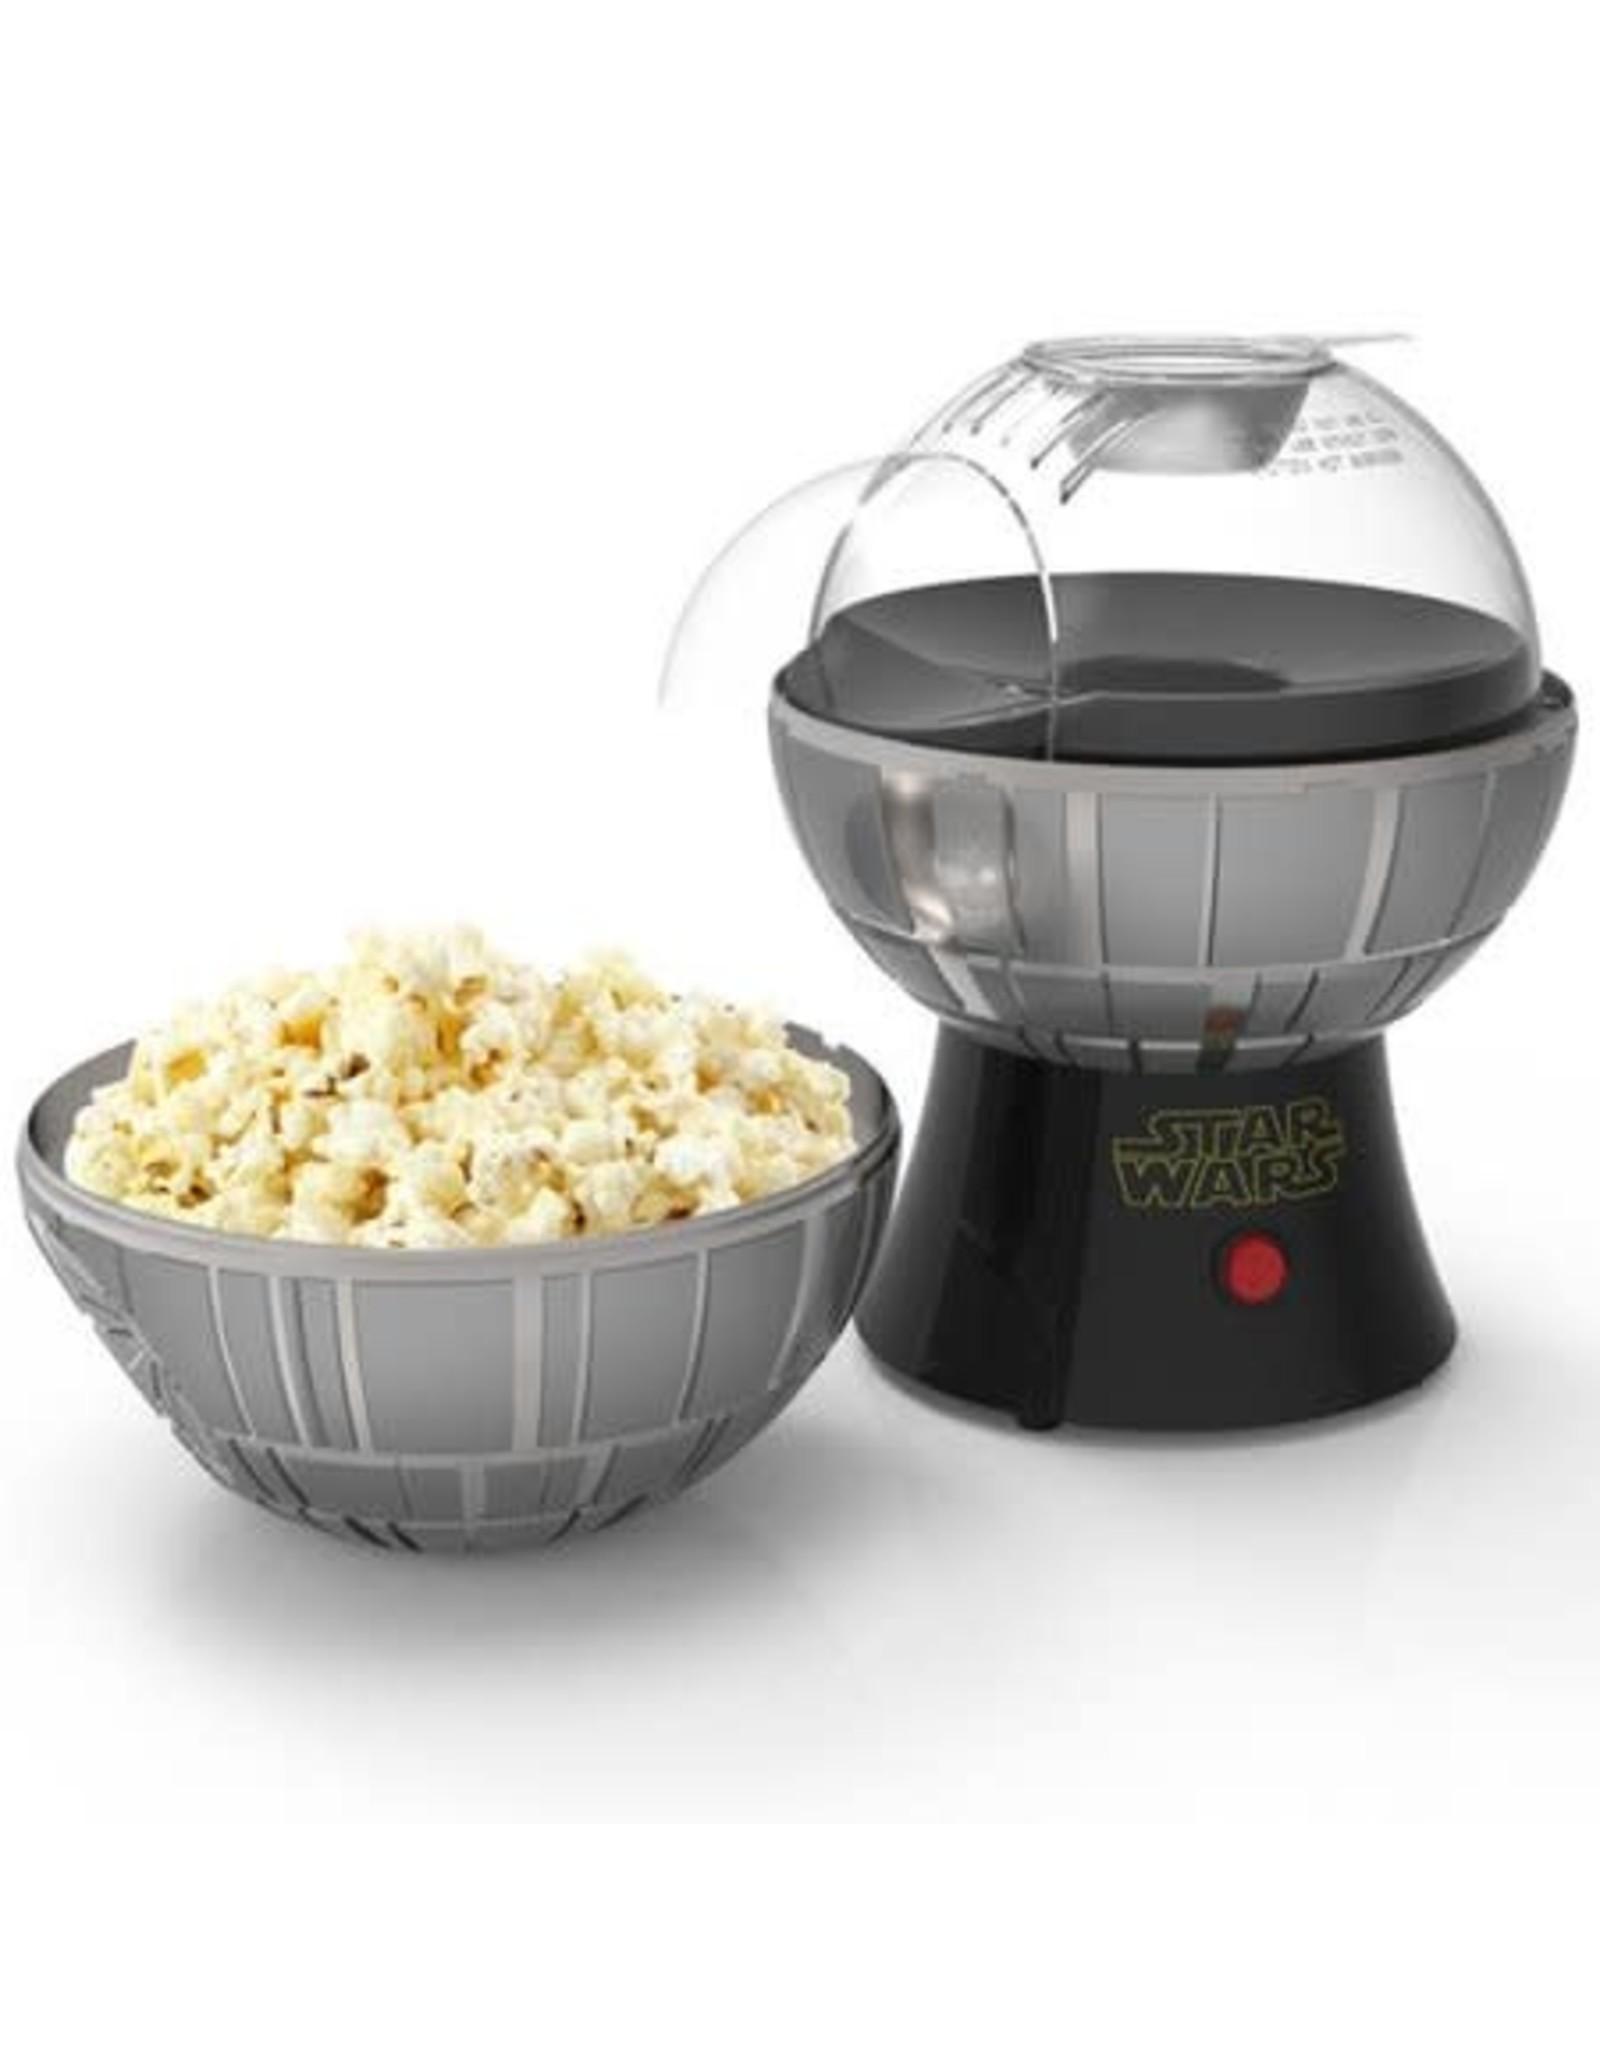 STAR WARS - Popcorn Makers - Death Star